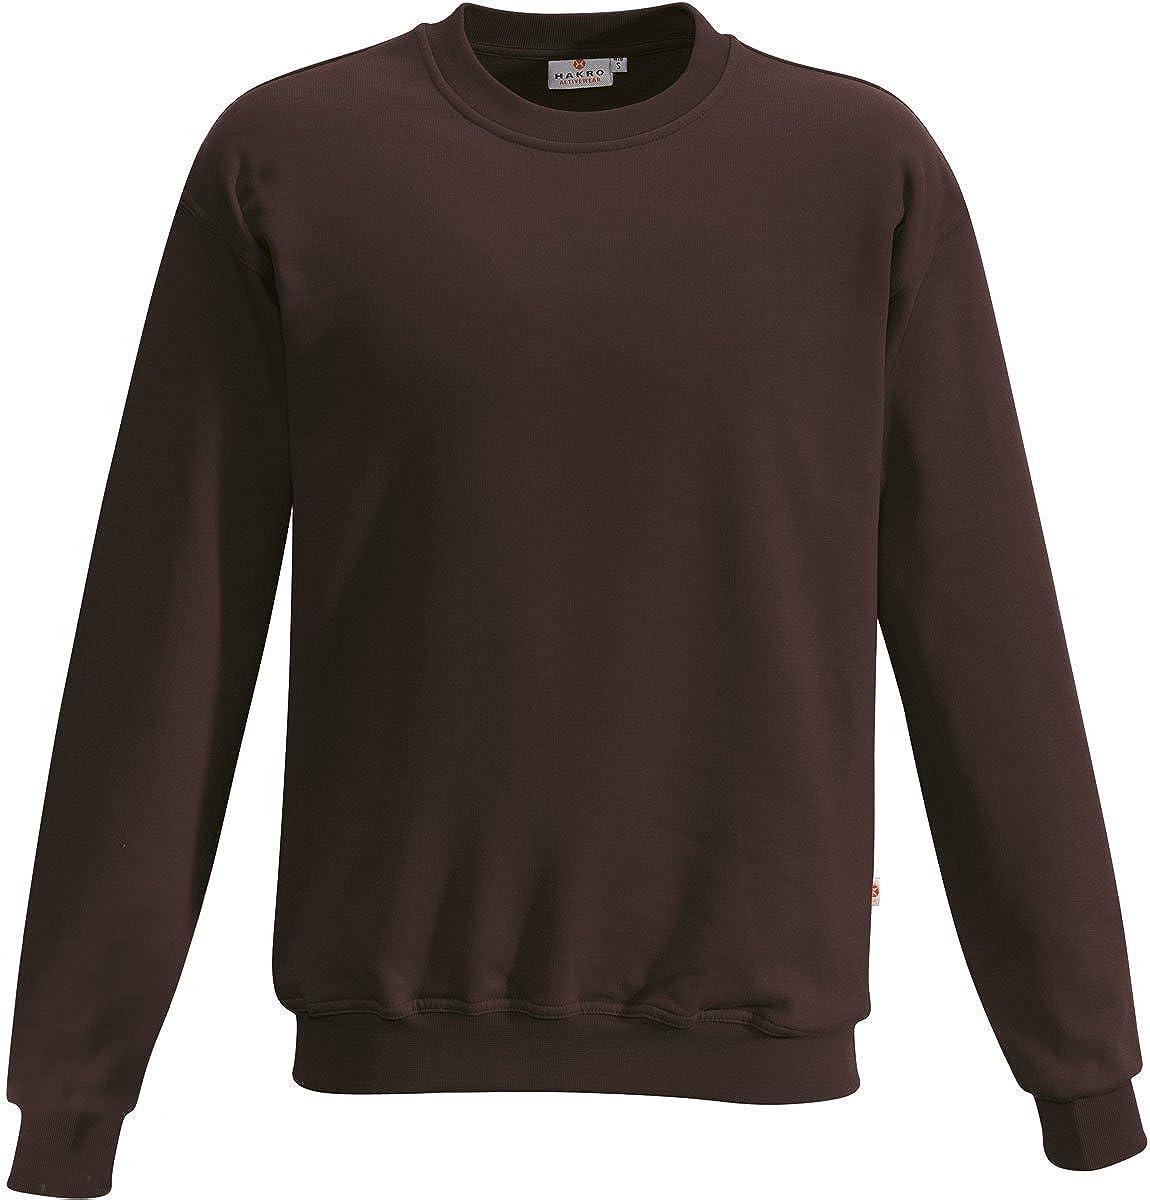 Hakro Performance Sweatshirt